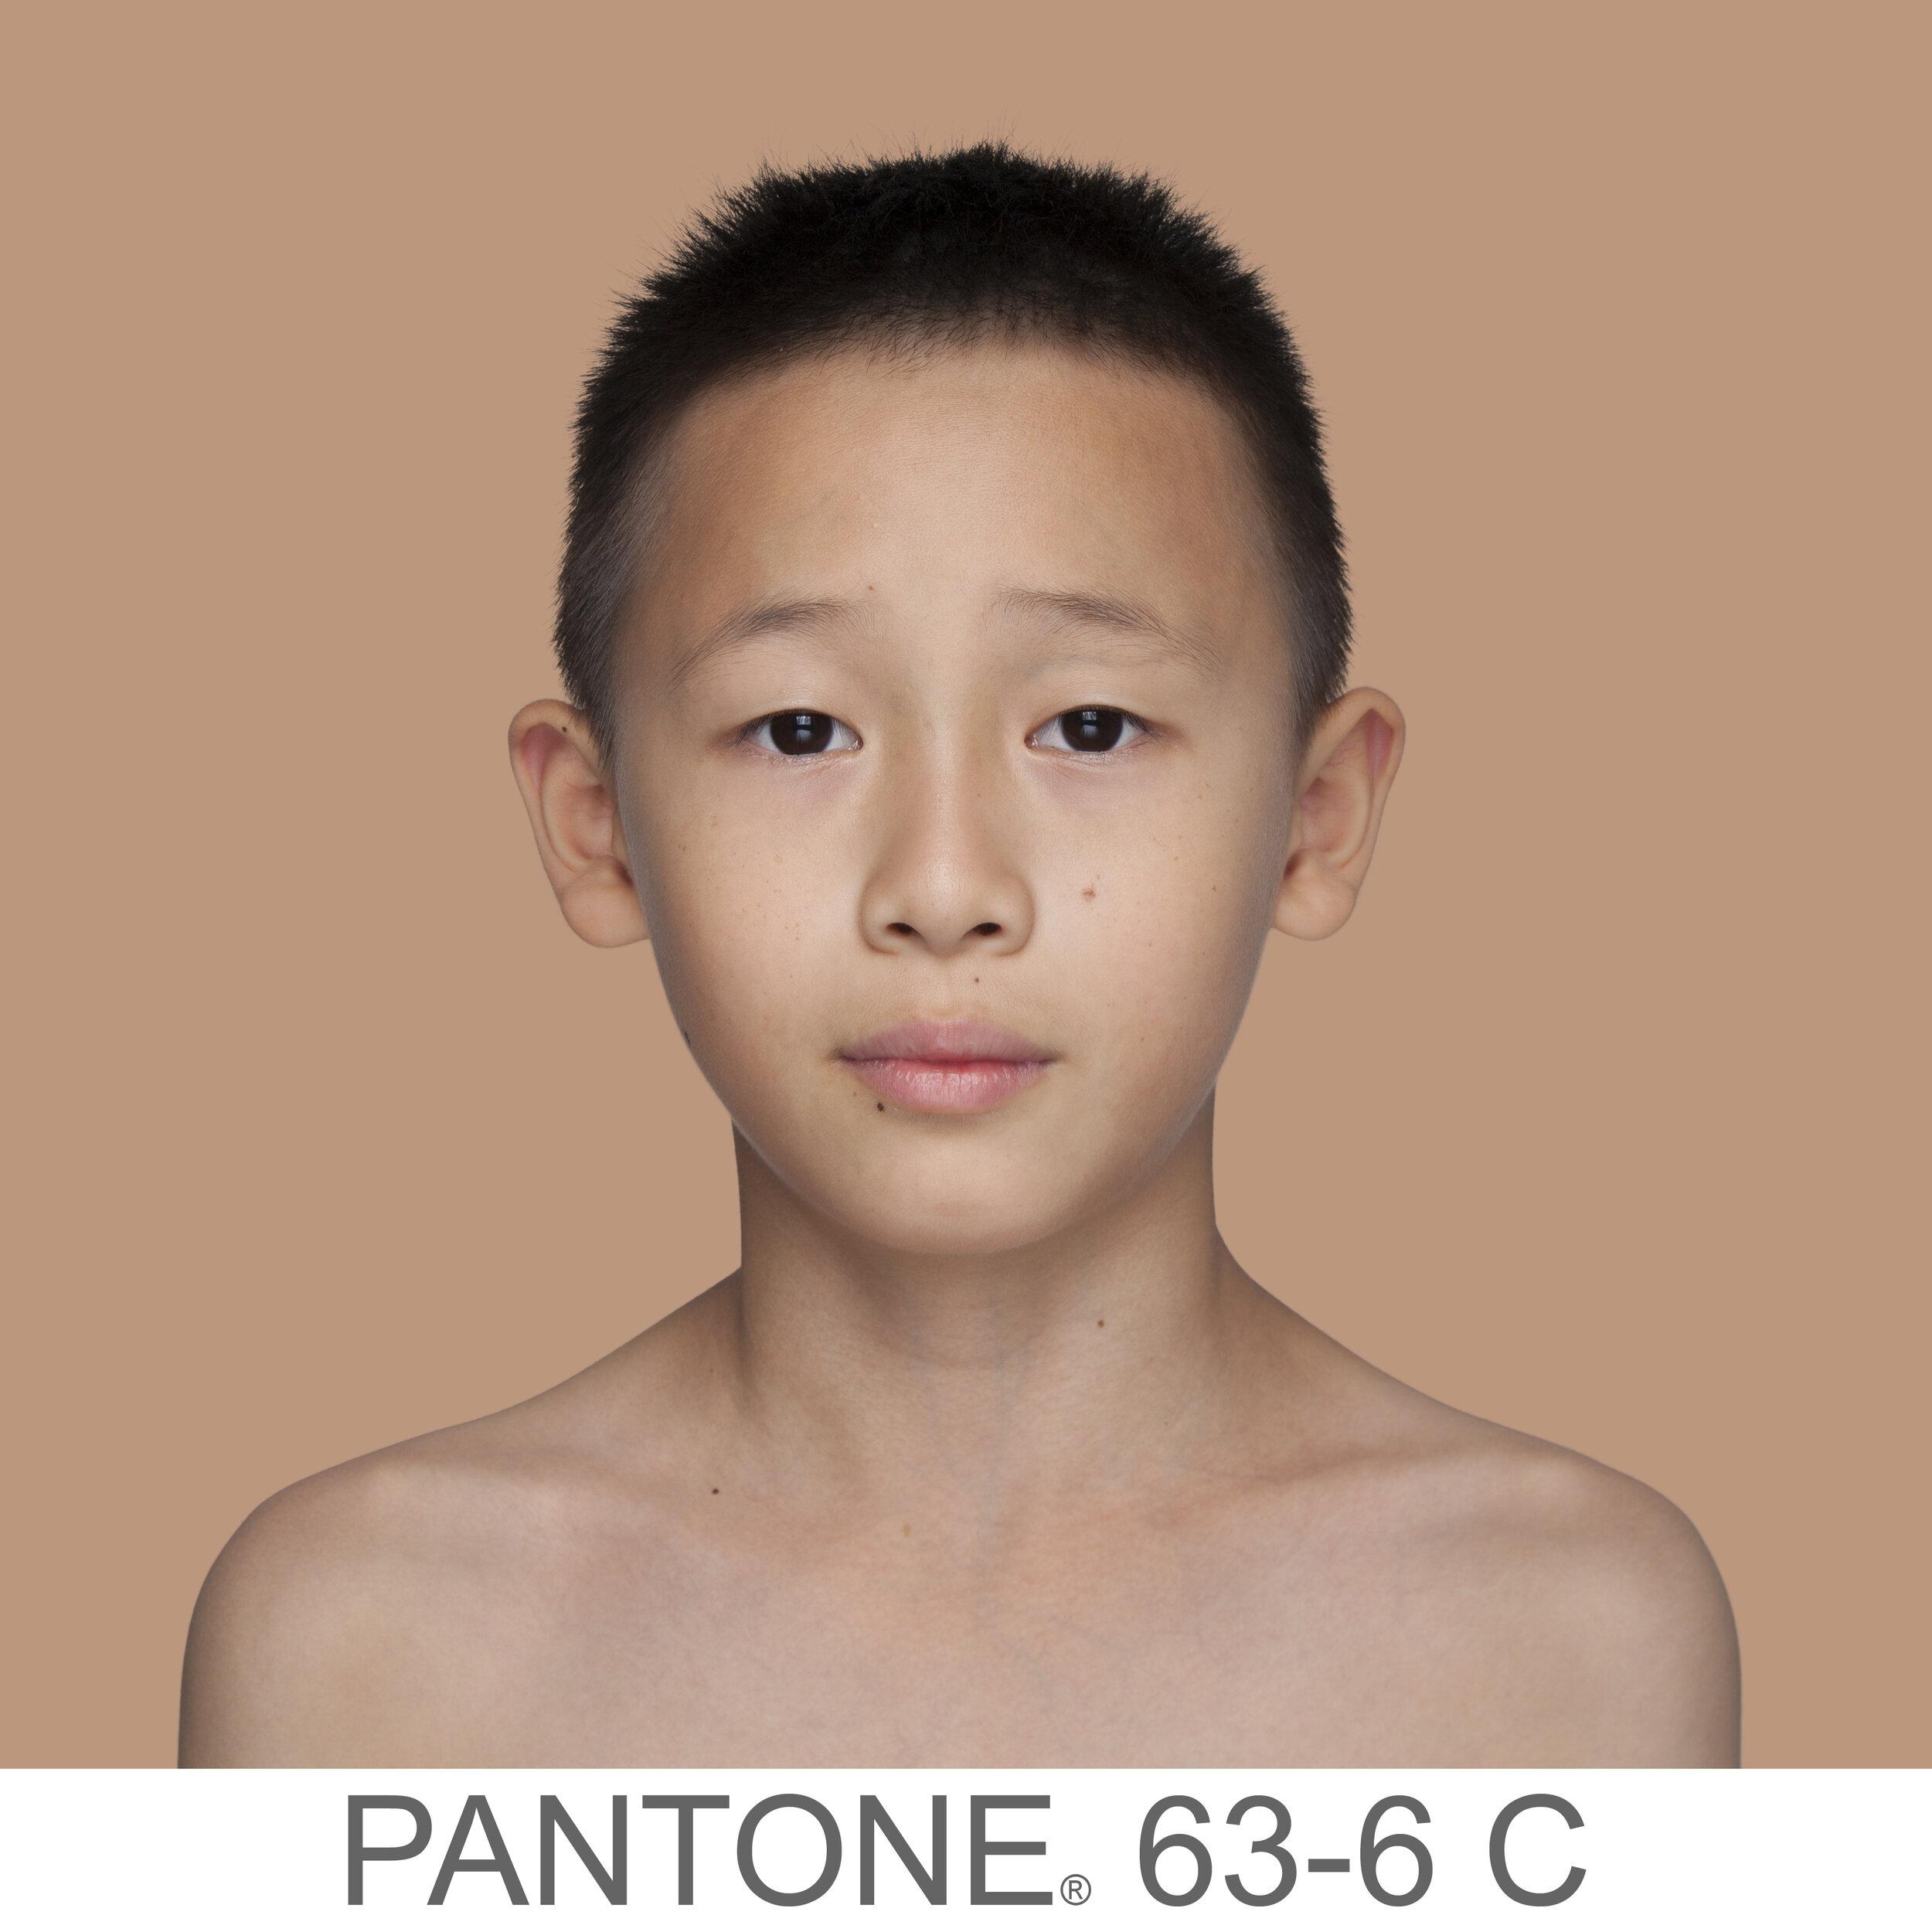 humanae 63-6 C CN copia.jpg